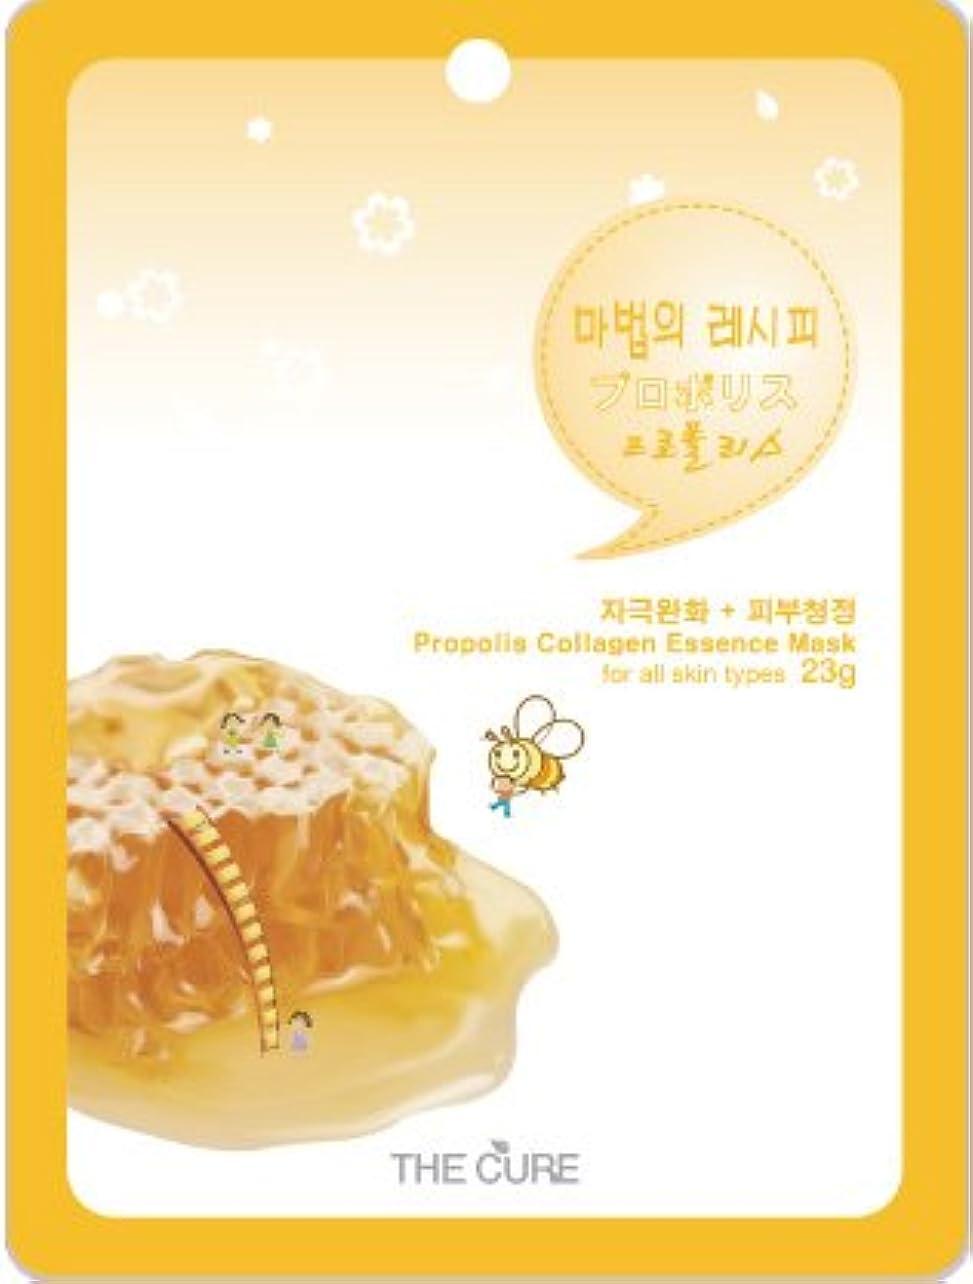 有益な敵媒染剤プロポリス コラーゲン エッセンス マスク THE CURE シート パック 10枚セット 韓国 コスメ 乾燥肌 オイリー肌 混合肌